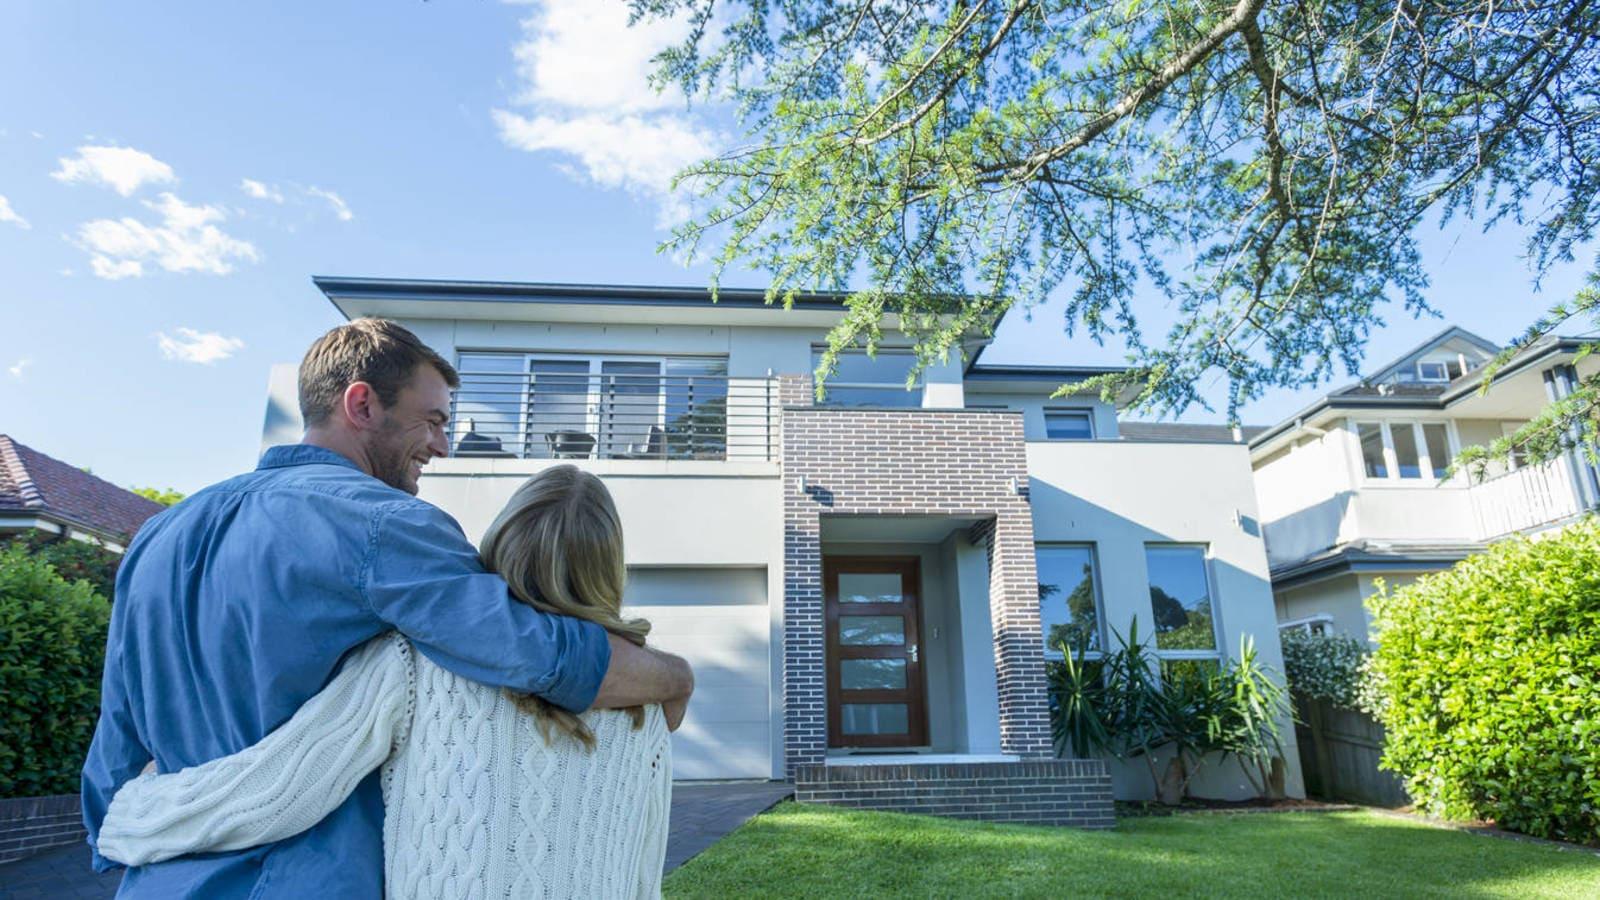 Agosto, un buen mes para comprar y vender una vivienda, ¿Por qué?